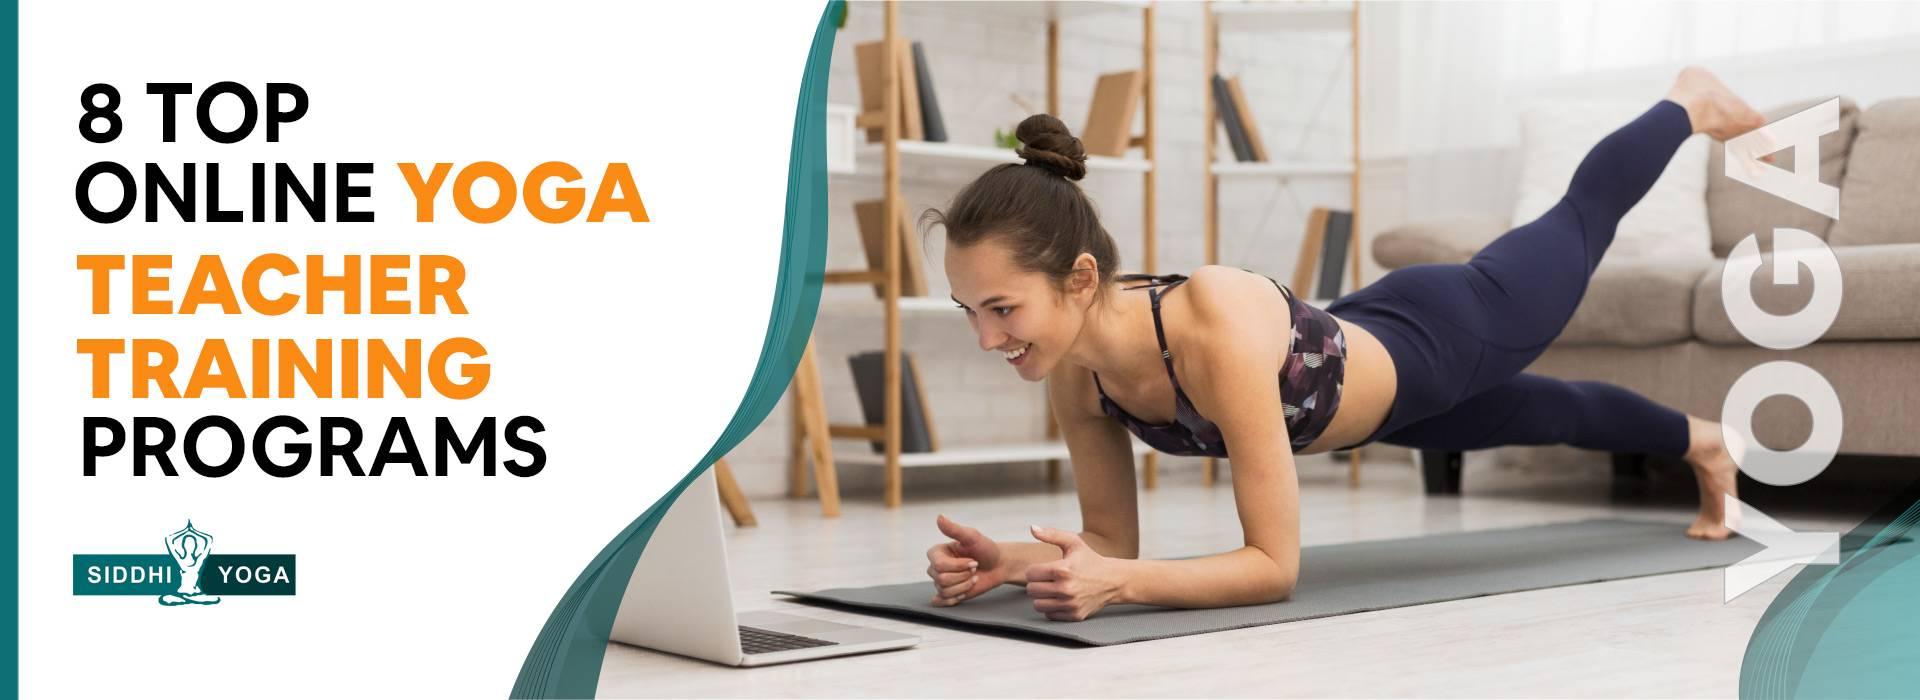 8 Certificaciones Principales De Formación De Profesores De Yoga En Línea En 2021